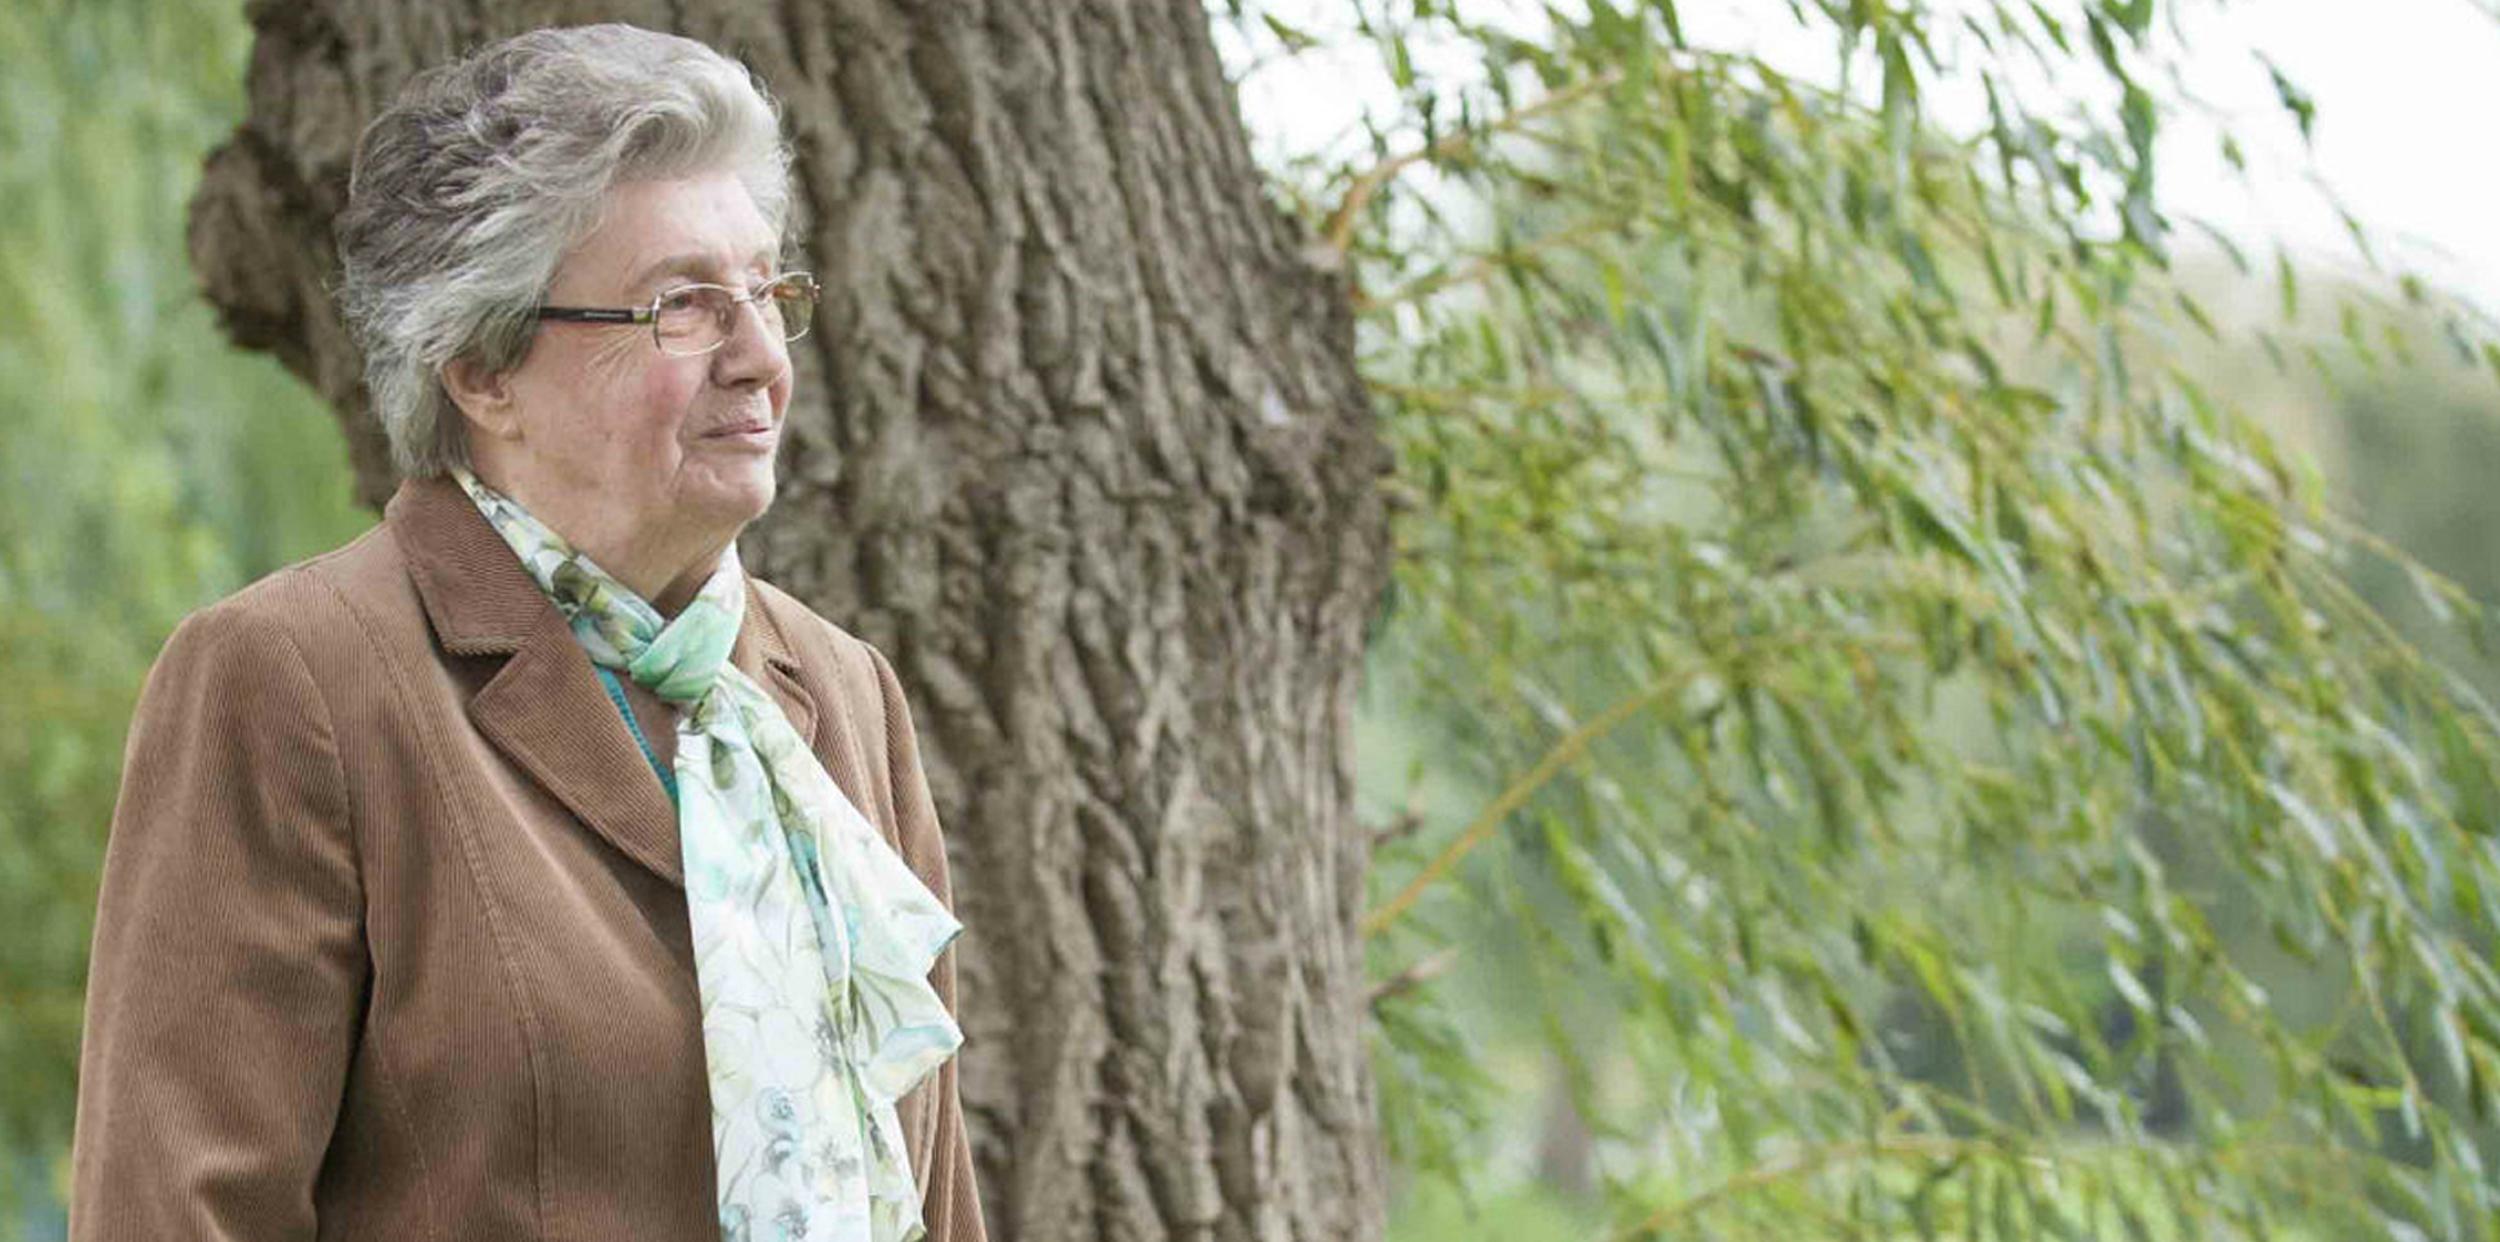 Denise laat met haar erfenis grond aankopen in haar favoriete natuurgebieden